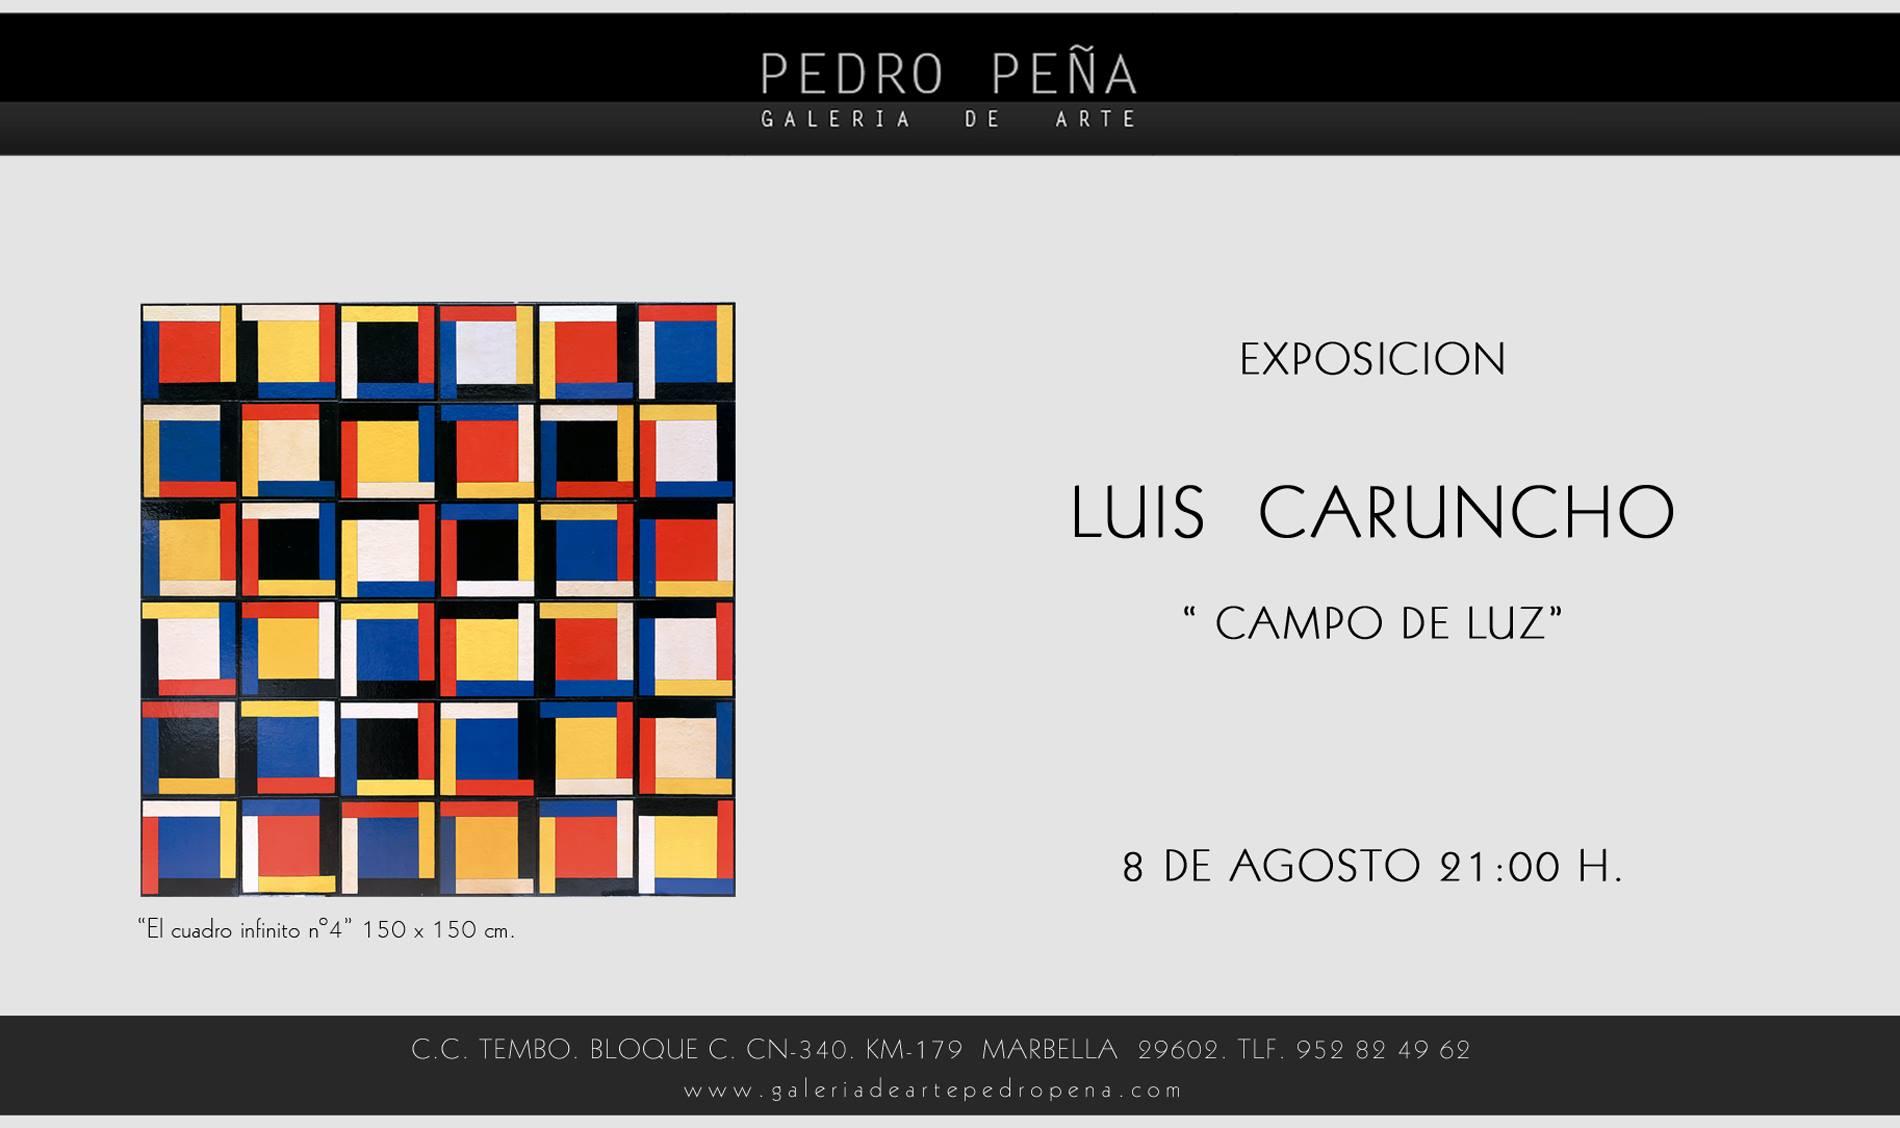 """EXPOSICIÓN """"CAMPO DE LUZ"""" DE LUIS CARUNCHO"""